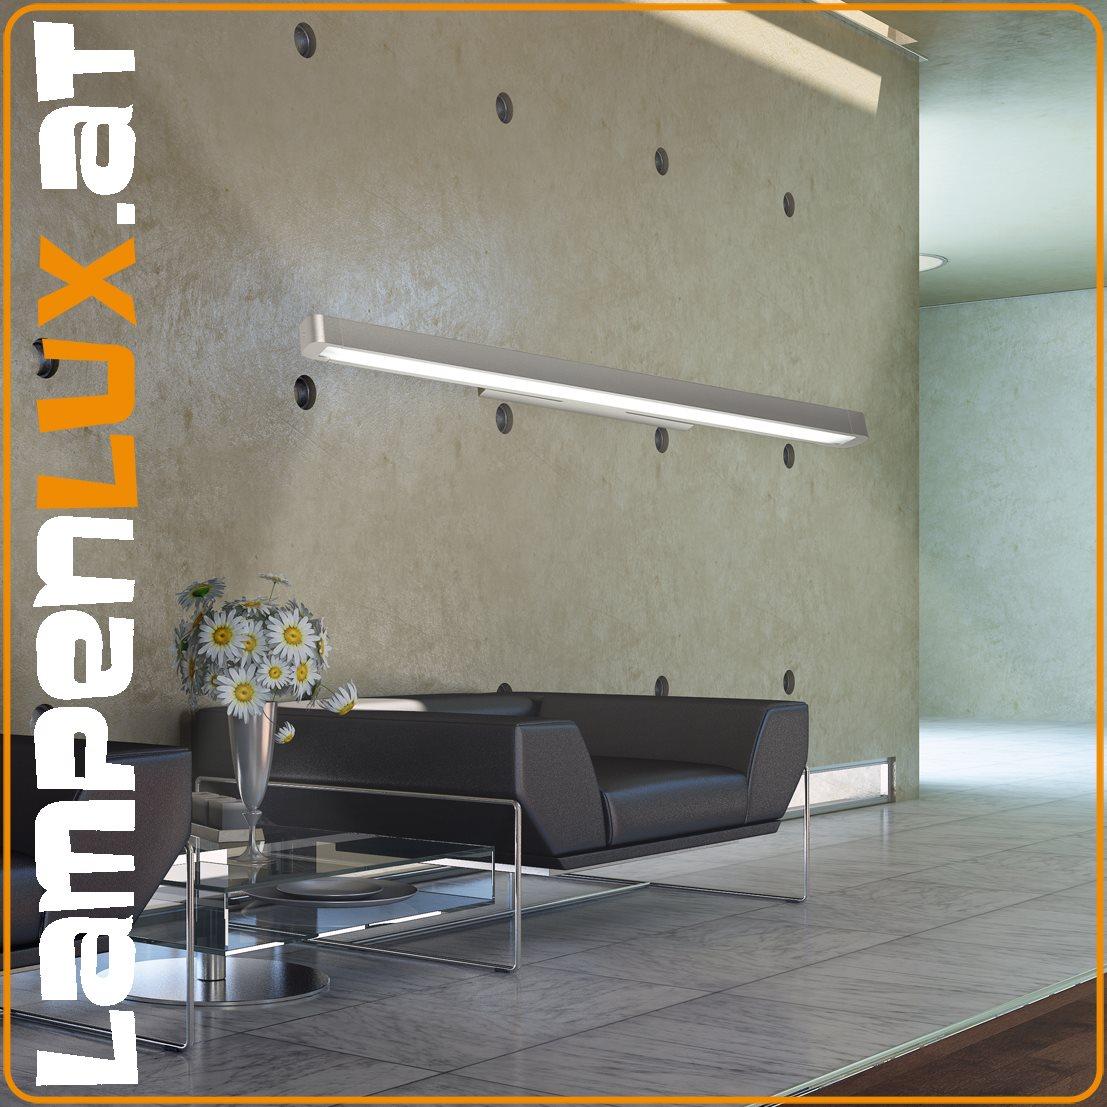 Lampenlux Spiegellampe Spiegelleuchte Pelle Badlicht silber 14/21W Länge: 60/90 cm